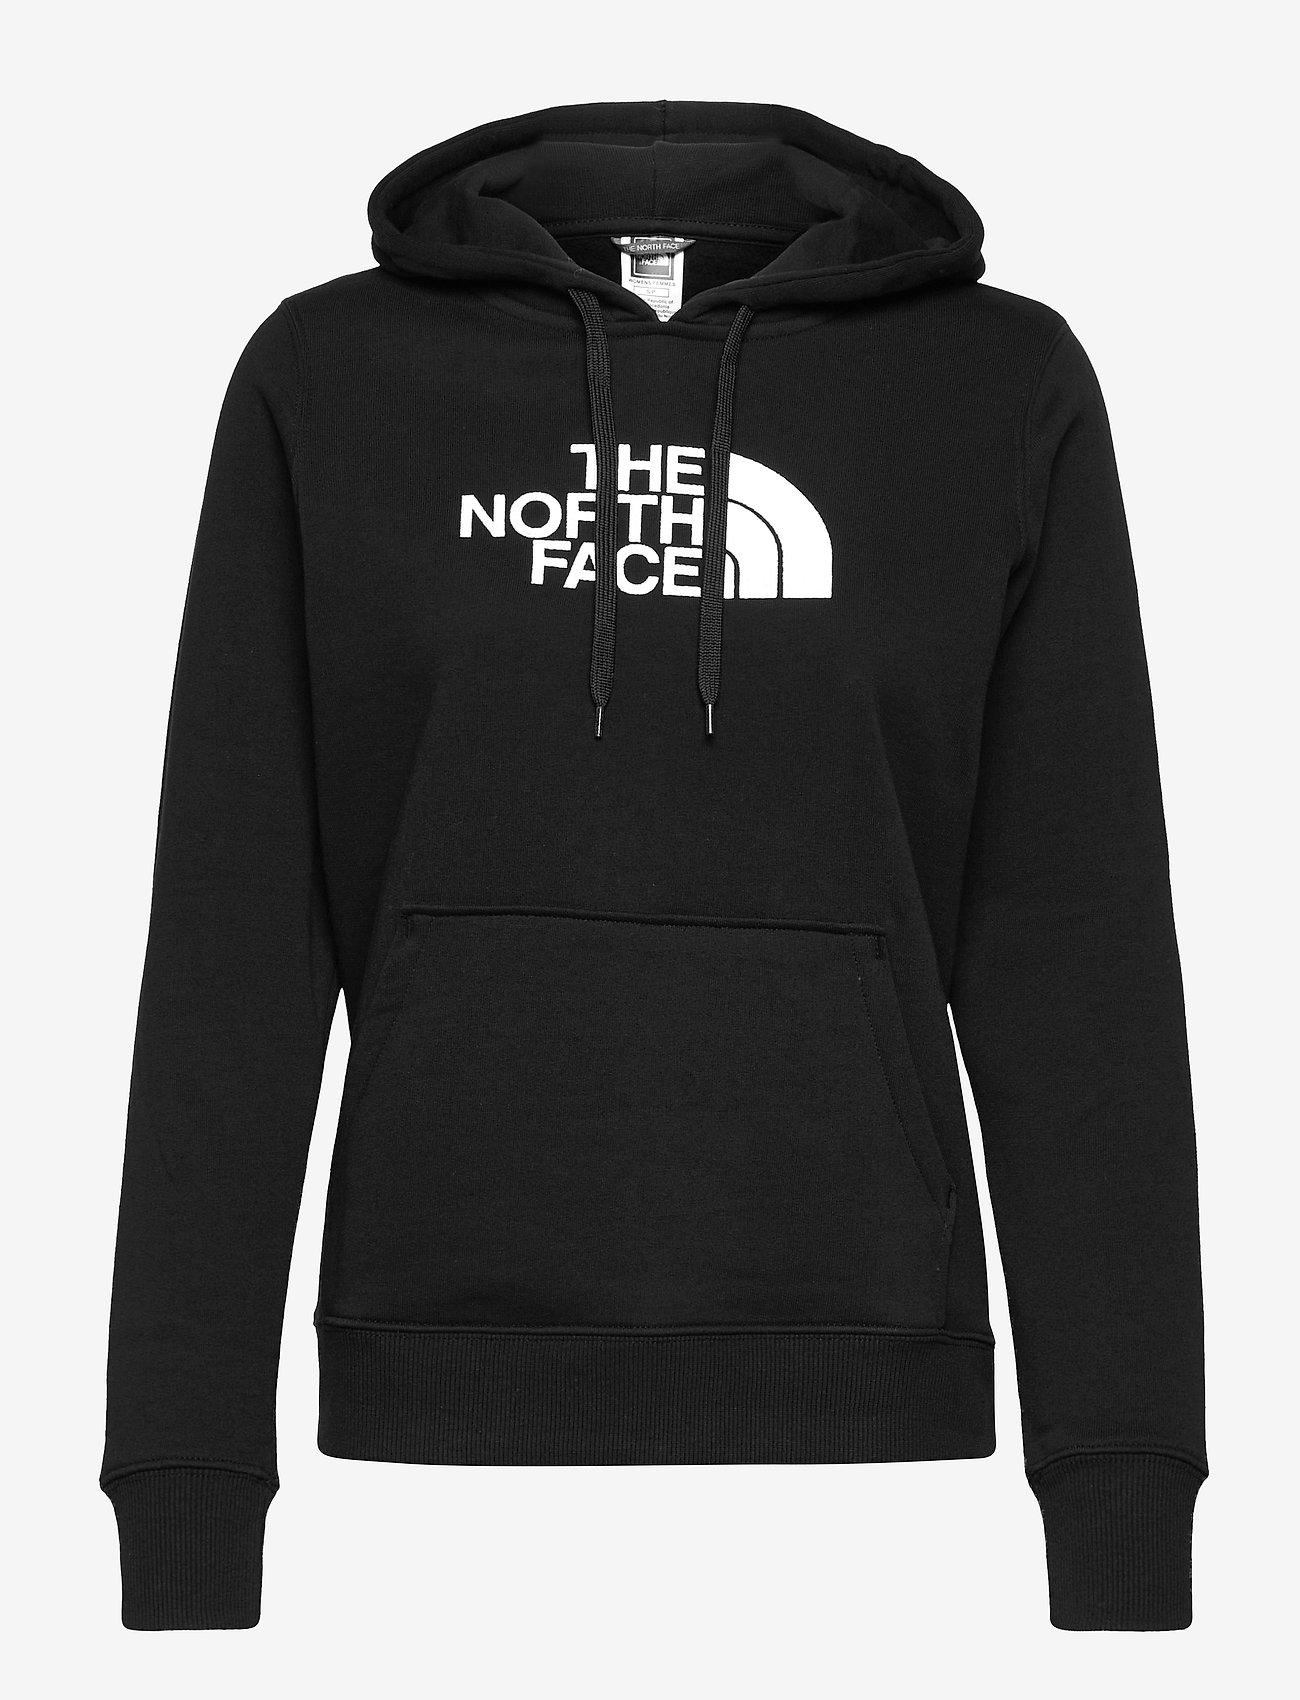 The North Face - W DREW PEAK PULL HD - hættetrøjer - tnf black - 0